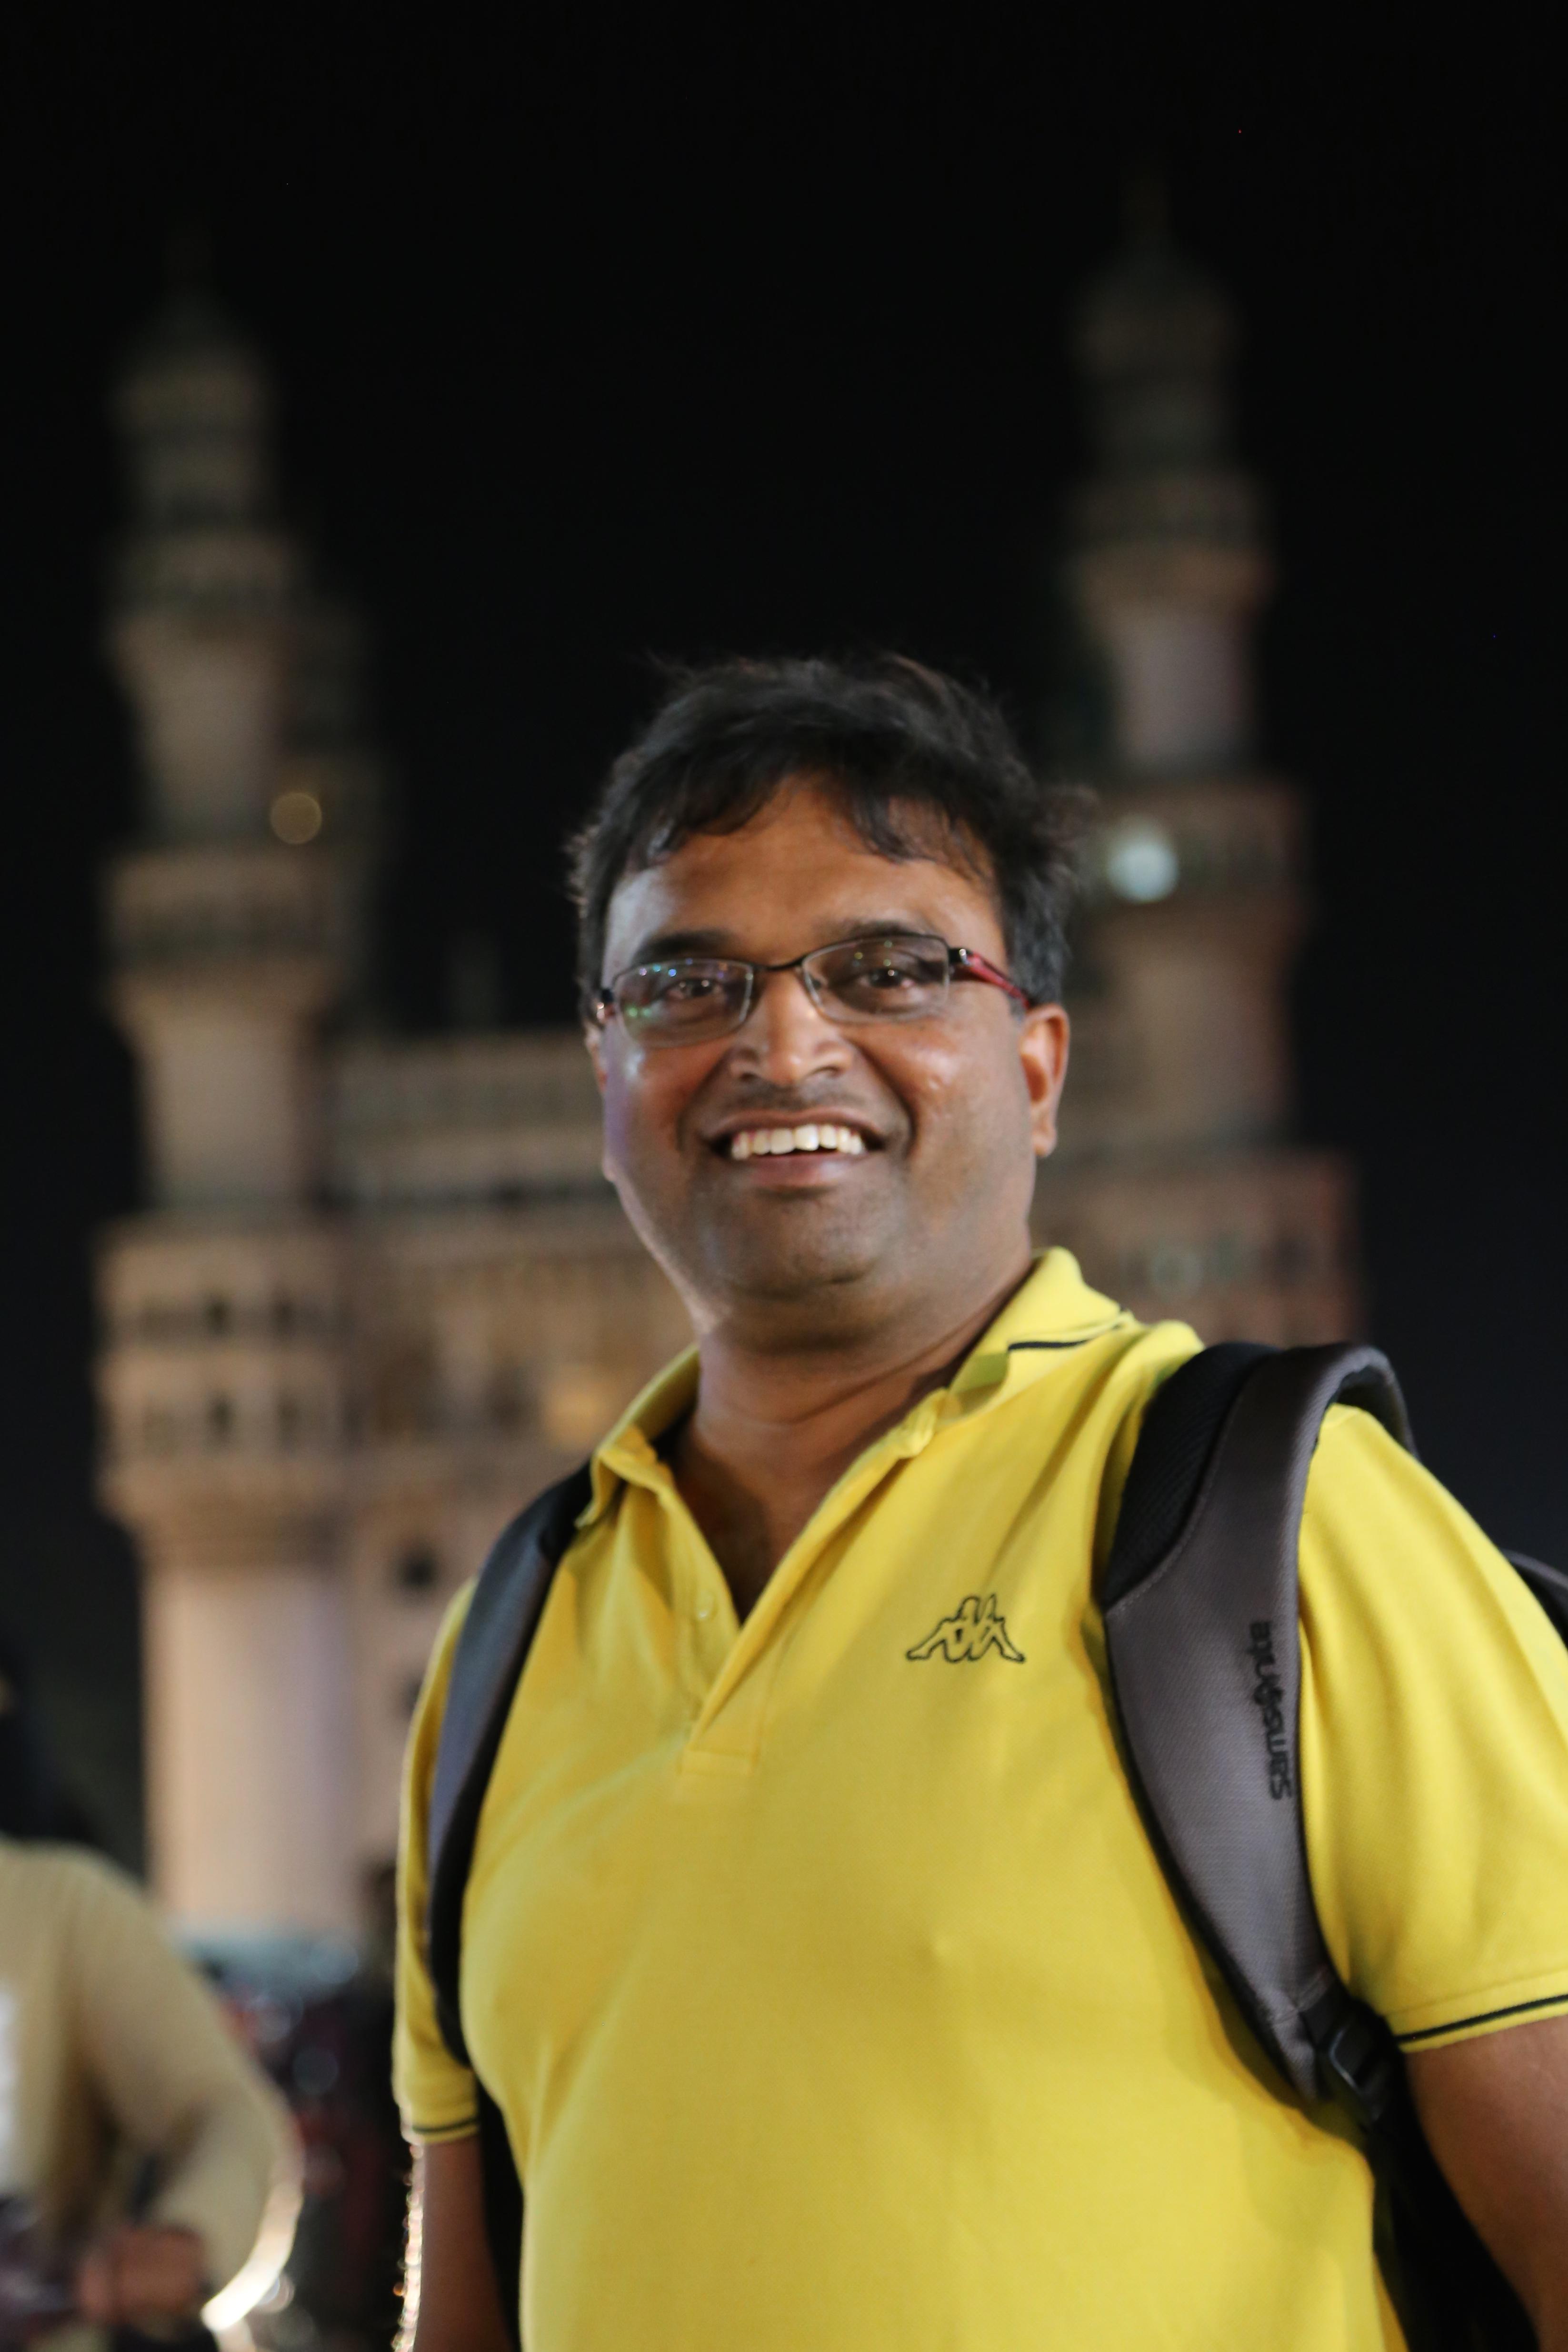 @ Charminar during 2015 Ramzan